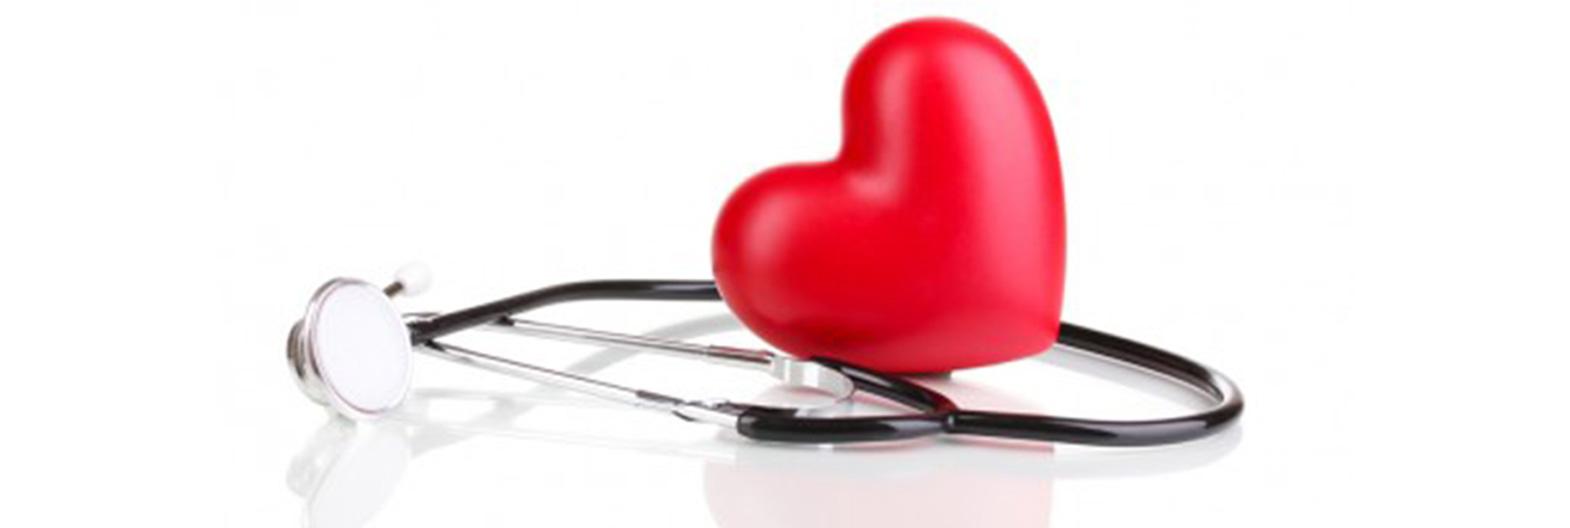 išgydyti hipertenziją vaizdo